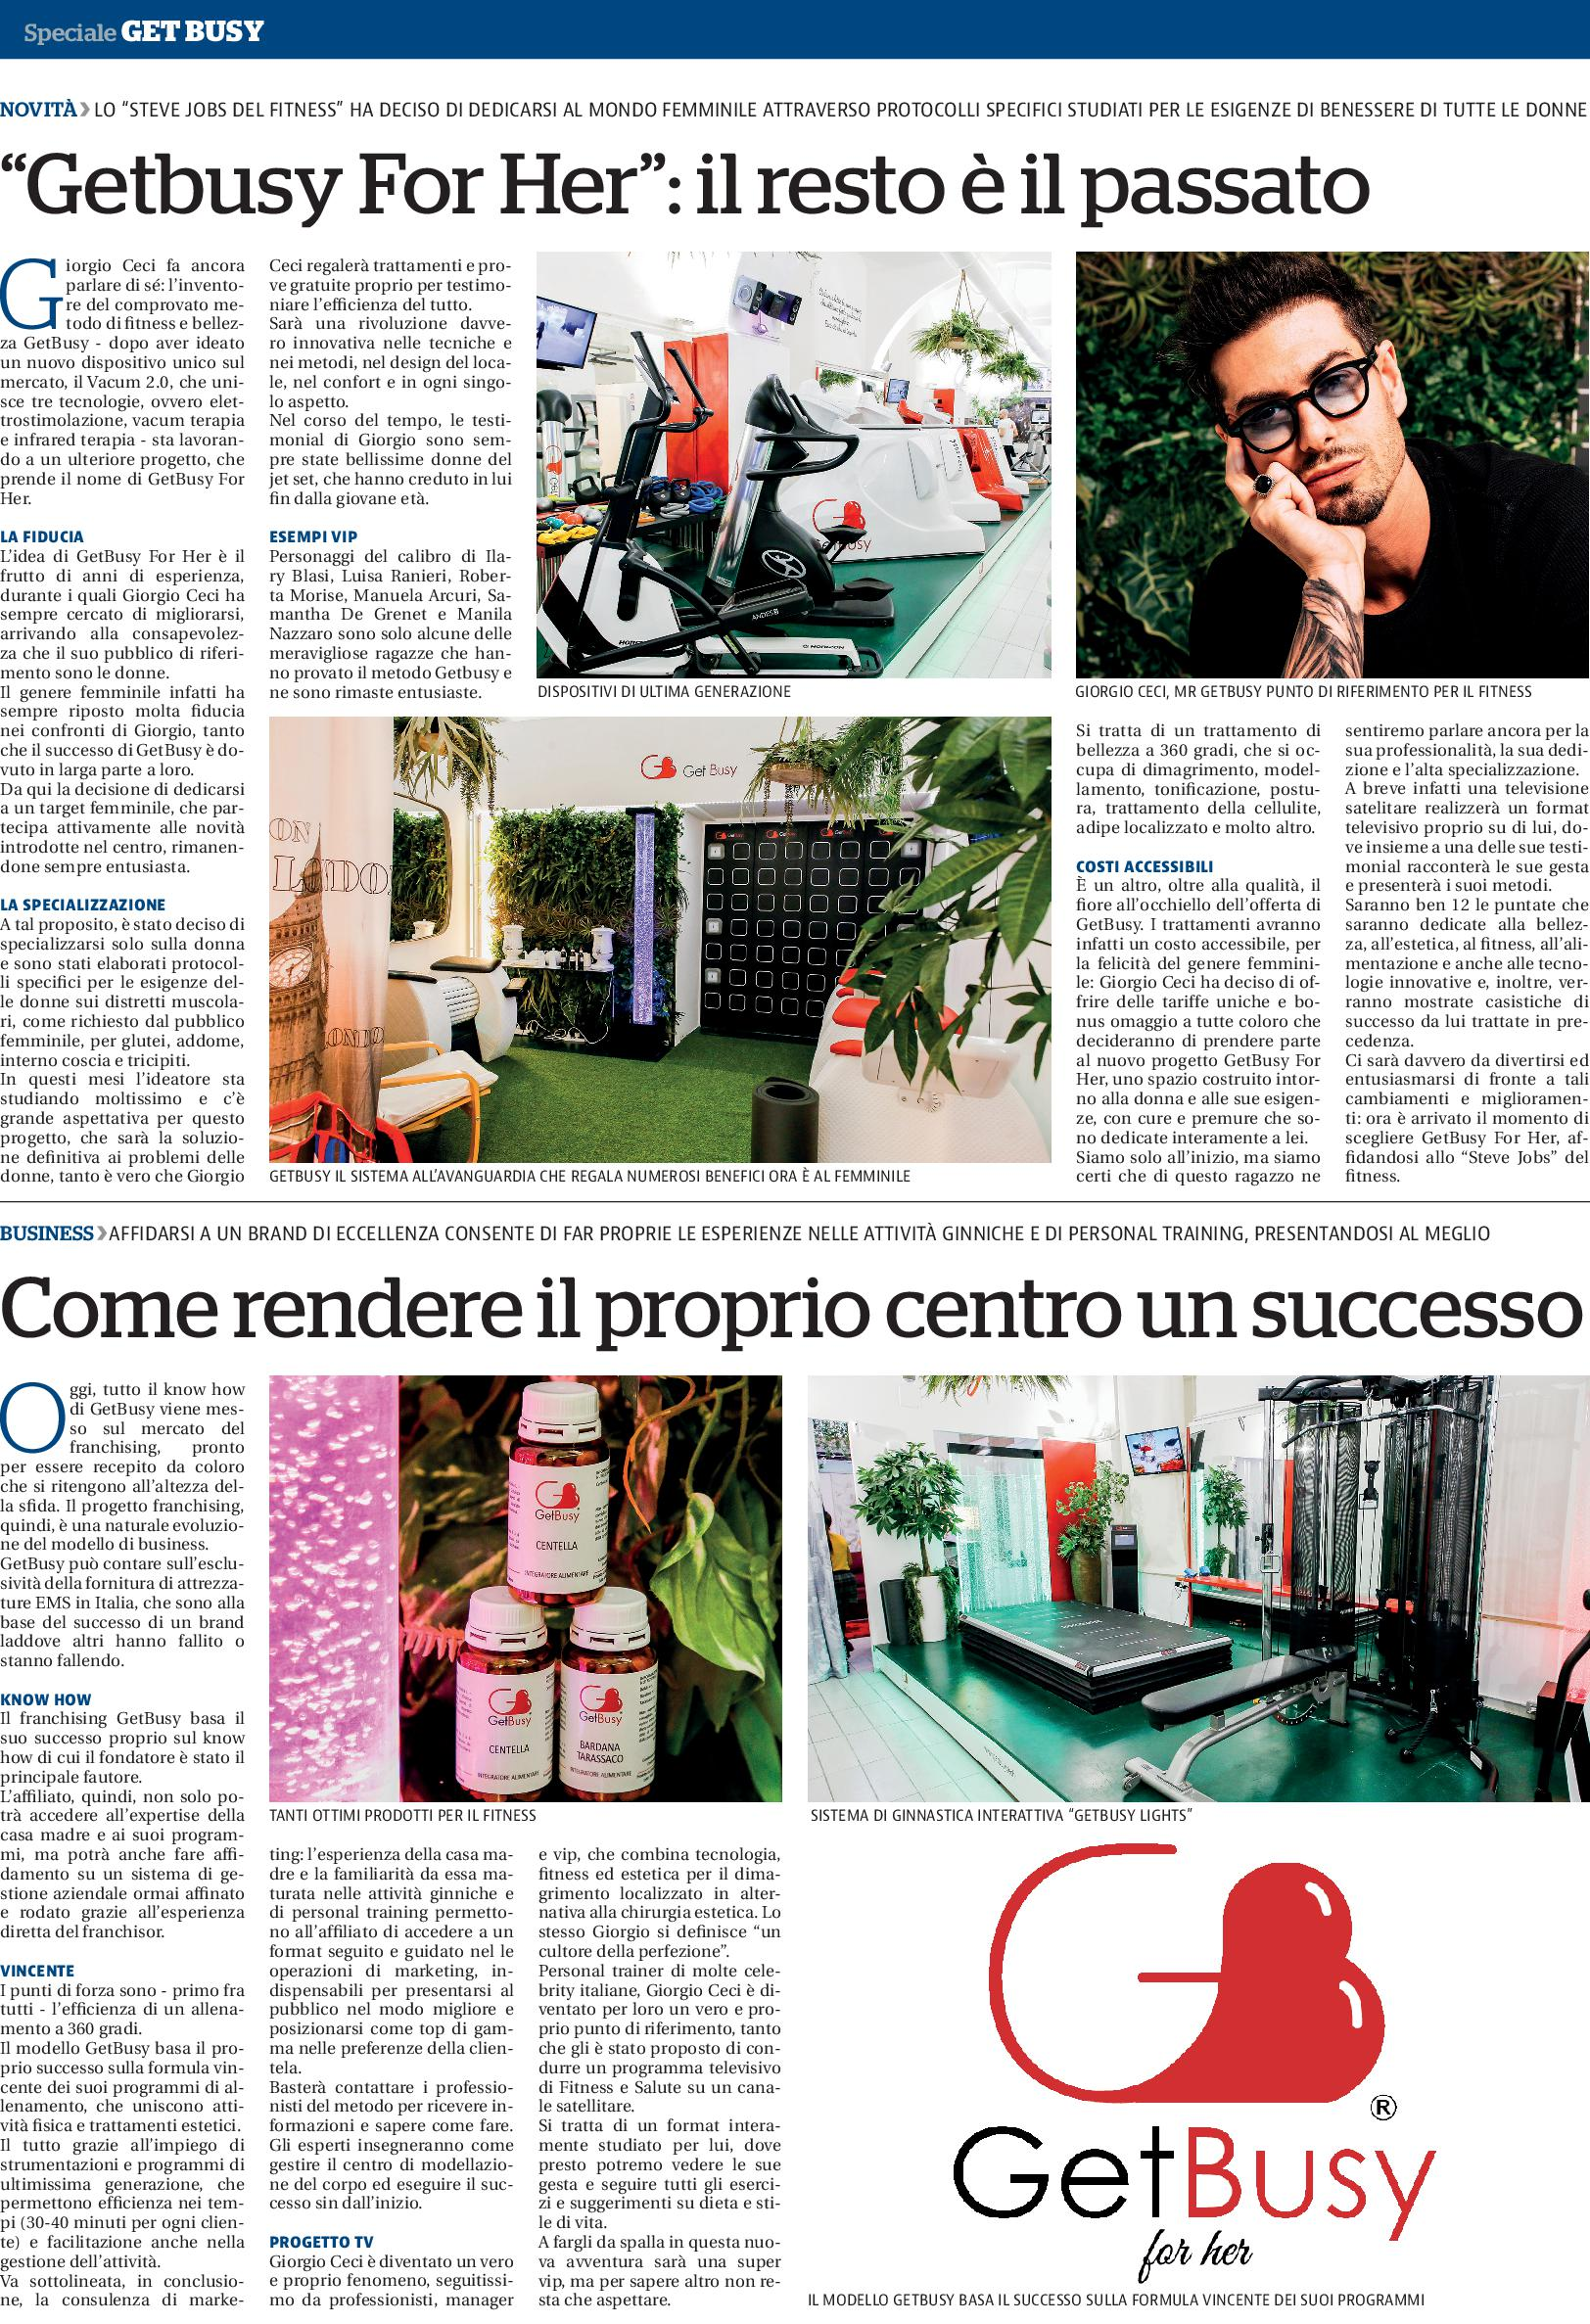 Articolo4_Repubblica.jpg